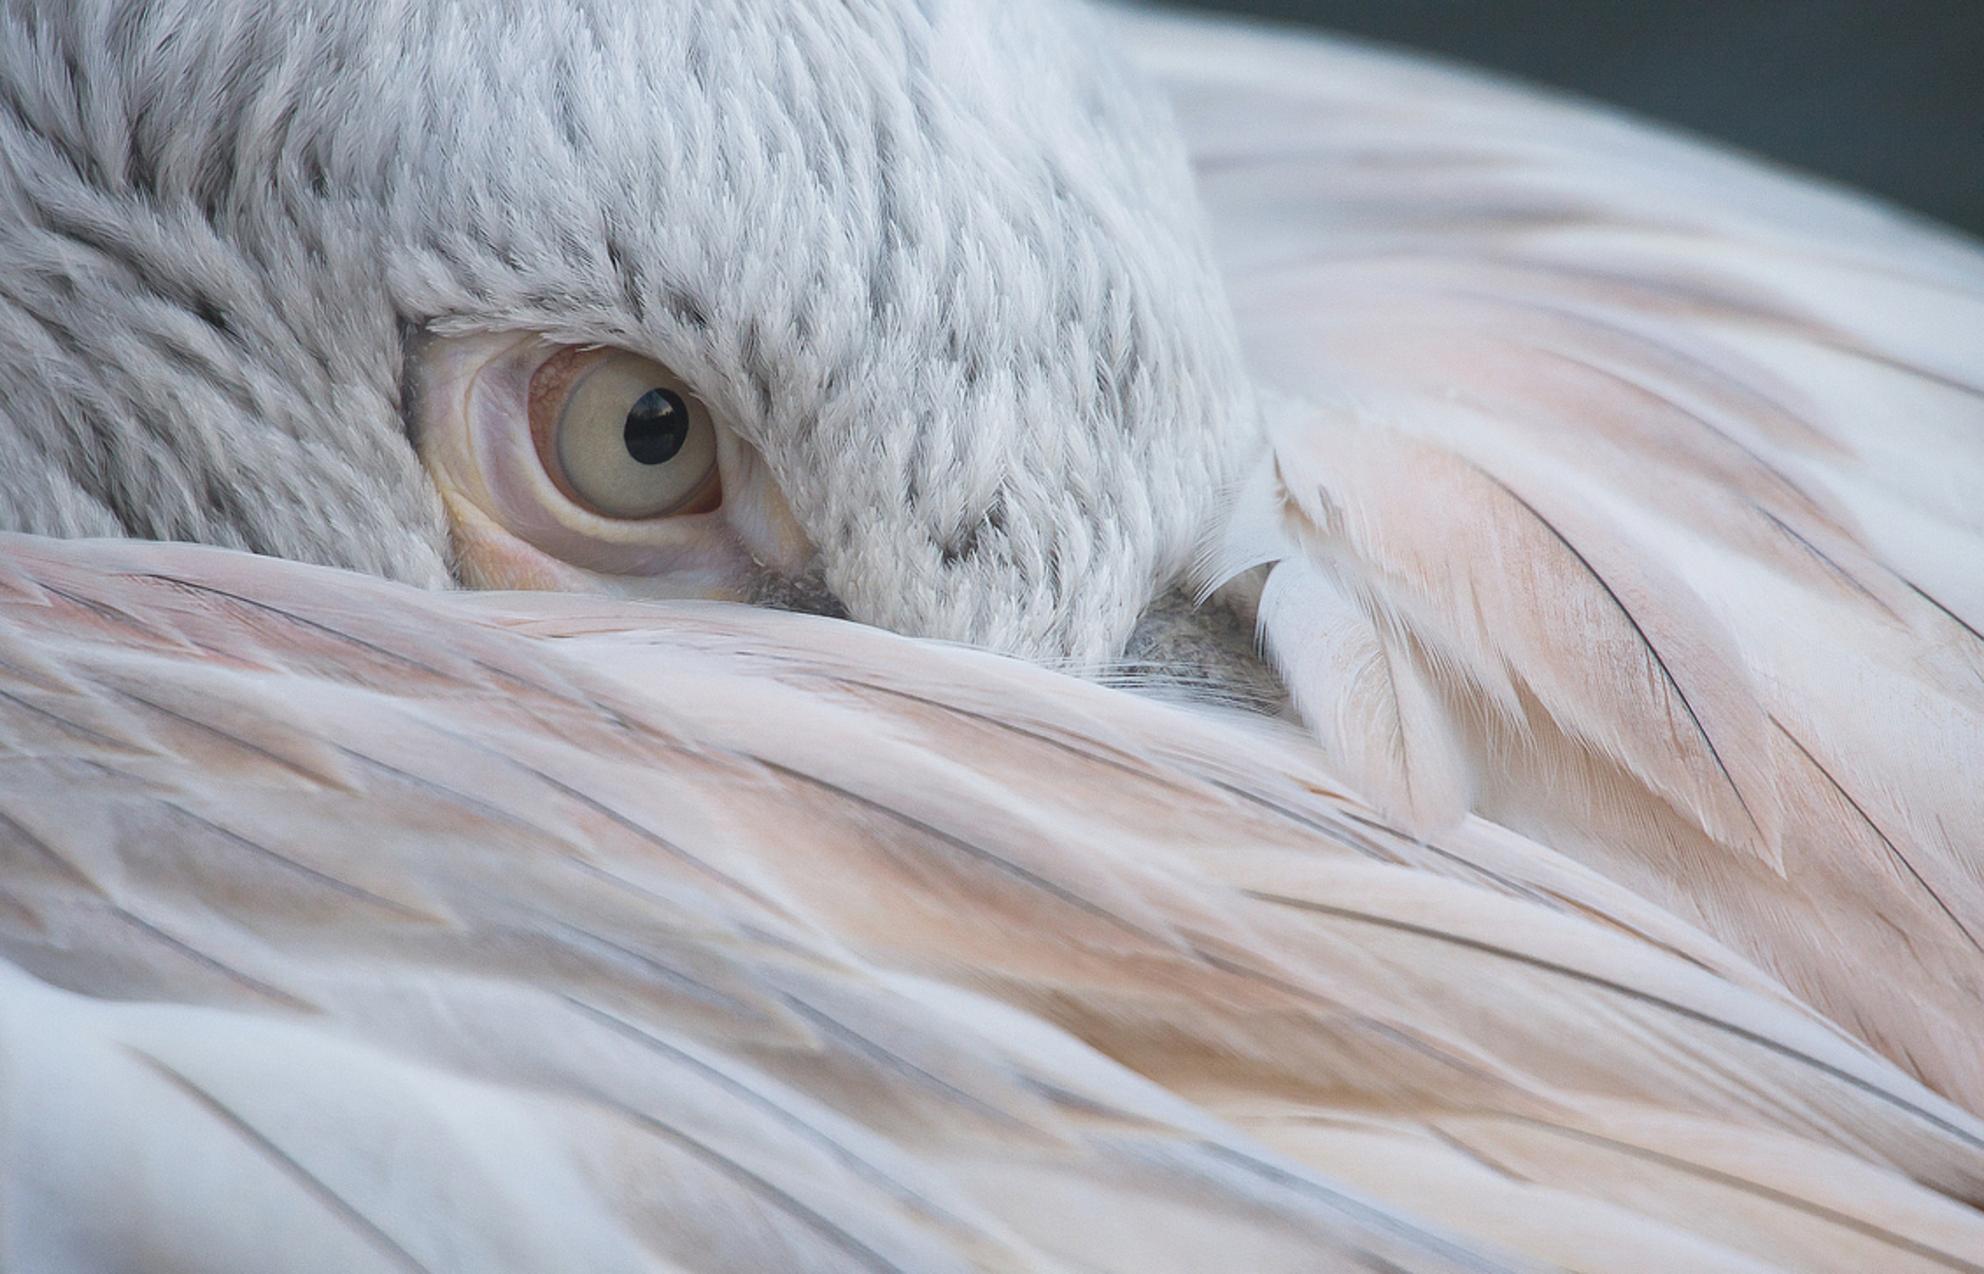 Beauty van een beest - Beauty van een beest... - foto door kyano09 op 25-01-2013 - deze foto bevat: kleuren, foto, kleur, rotterdam, dierentuin, vogels, dieren, veren, vogel, van, oog, pelikaan, dier, watervogel, mooi, beauty, een, veer, beest, blijdorp, pelikanen, watervogels, kroeskop, kroeskoppelikaan, fotos, dierentuinen, diergaarde blijdorp, diergaarde blijdorp rotterdam, blijdorp rotterdam, hide and seek, dierentuin Rotterdam, kroeskoppelikanen, Pelecanidae, piscivoor, Pelecanus crispus, Beauty van een beest